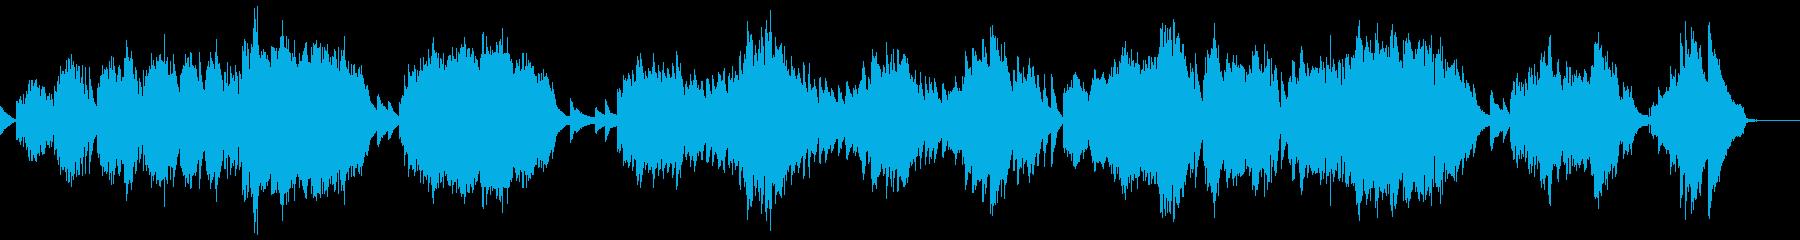 ワルツ第6番 Op.64-1/ショパンの再生済みの波形